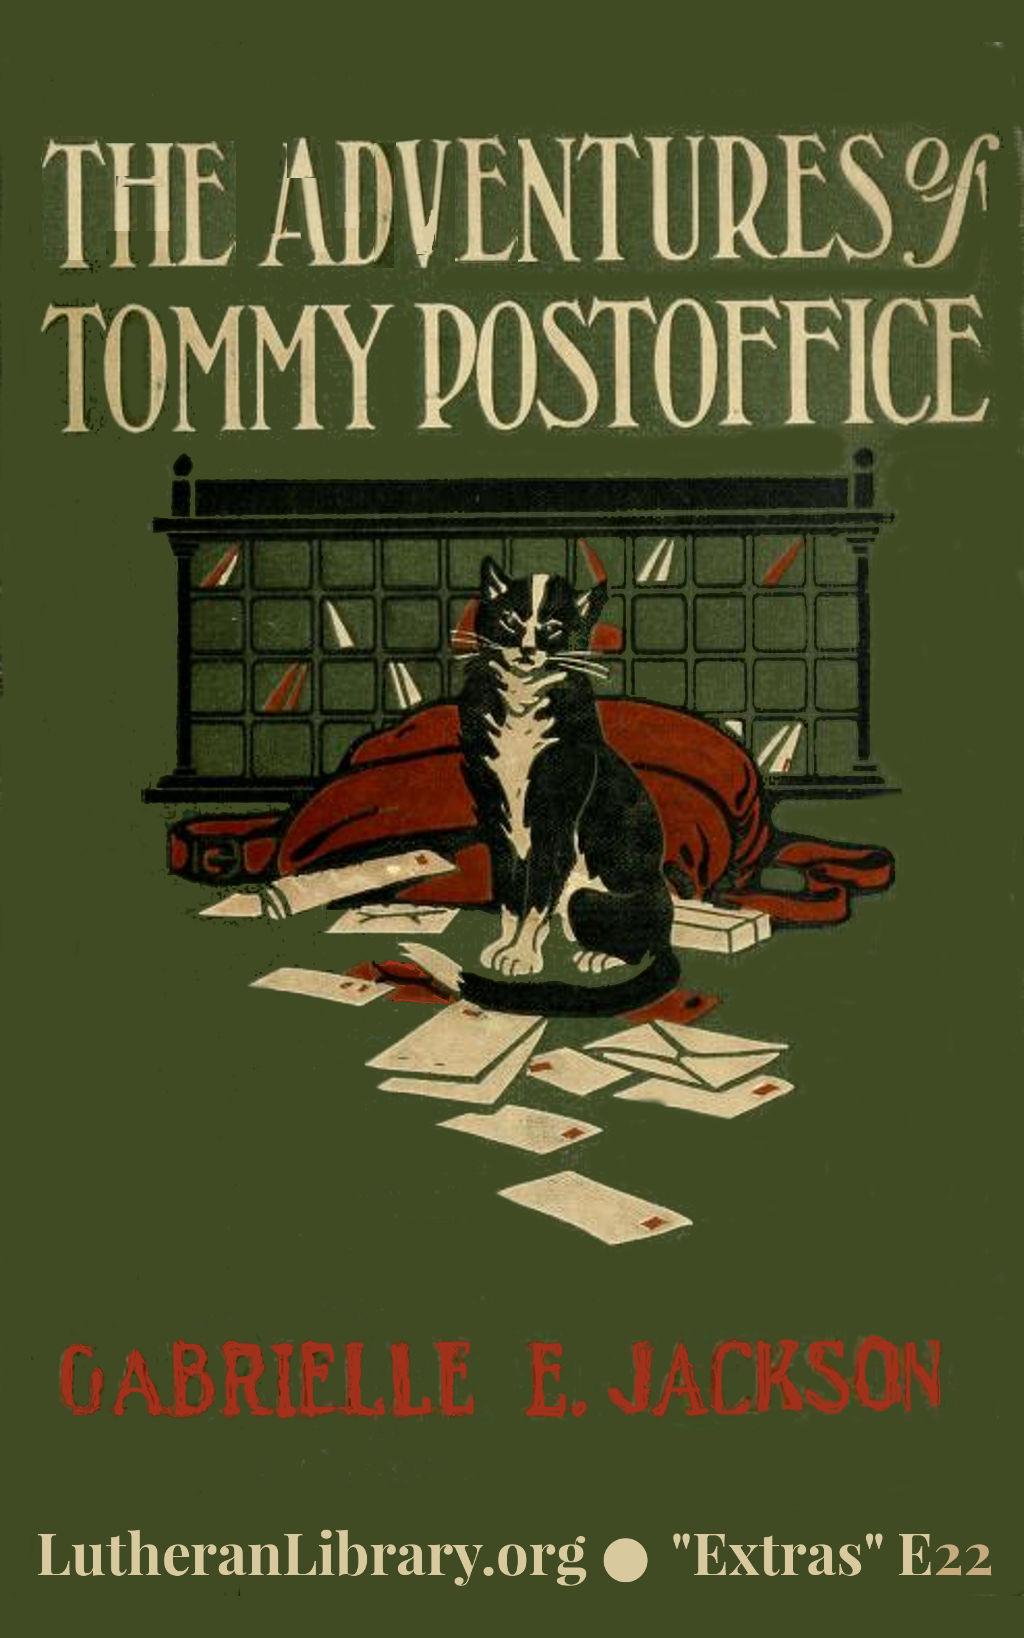 Tommy Postoffice